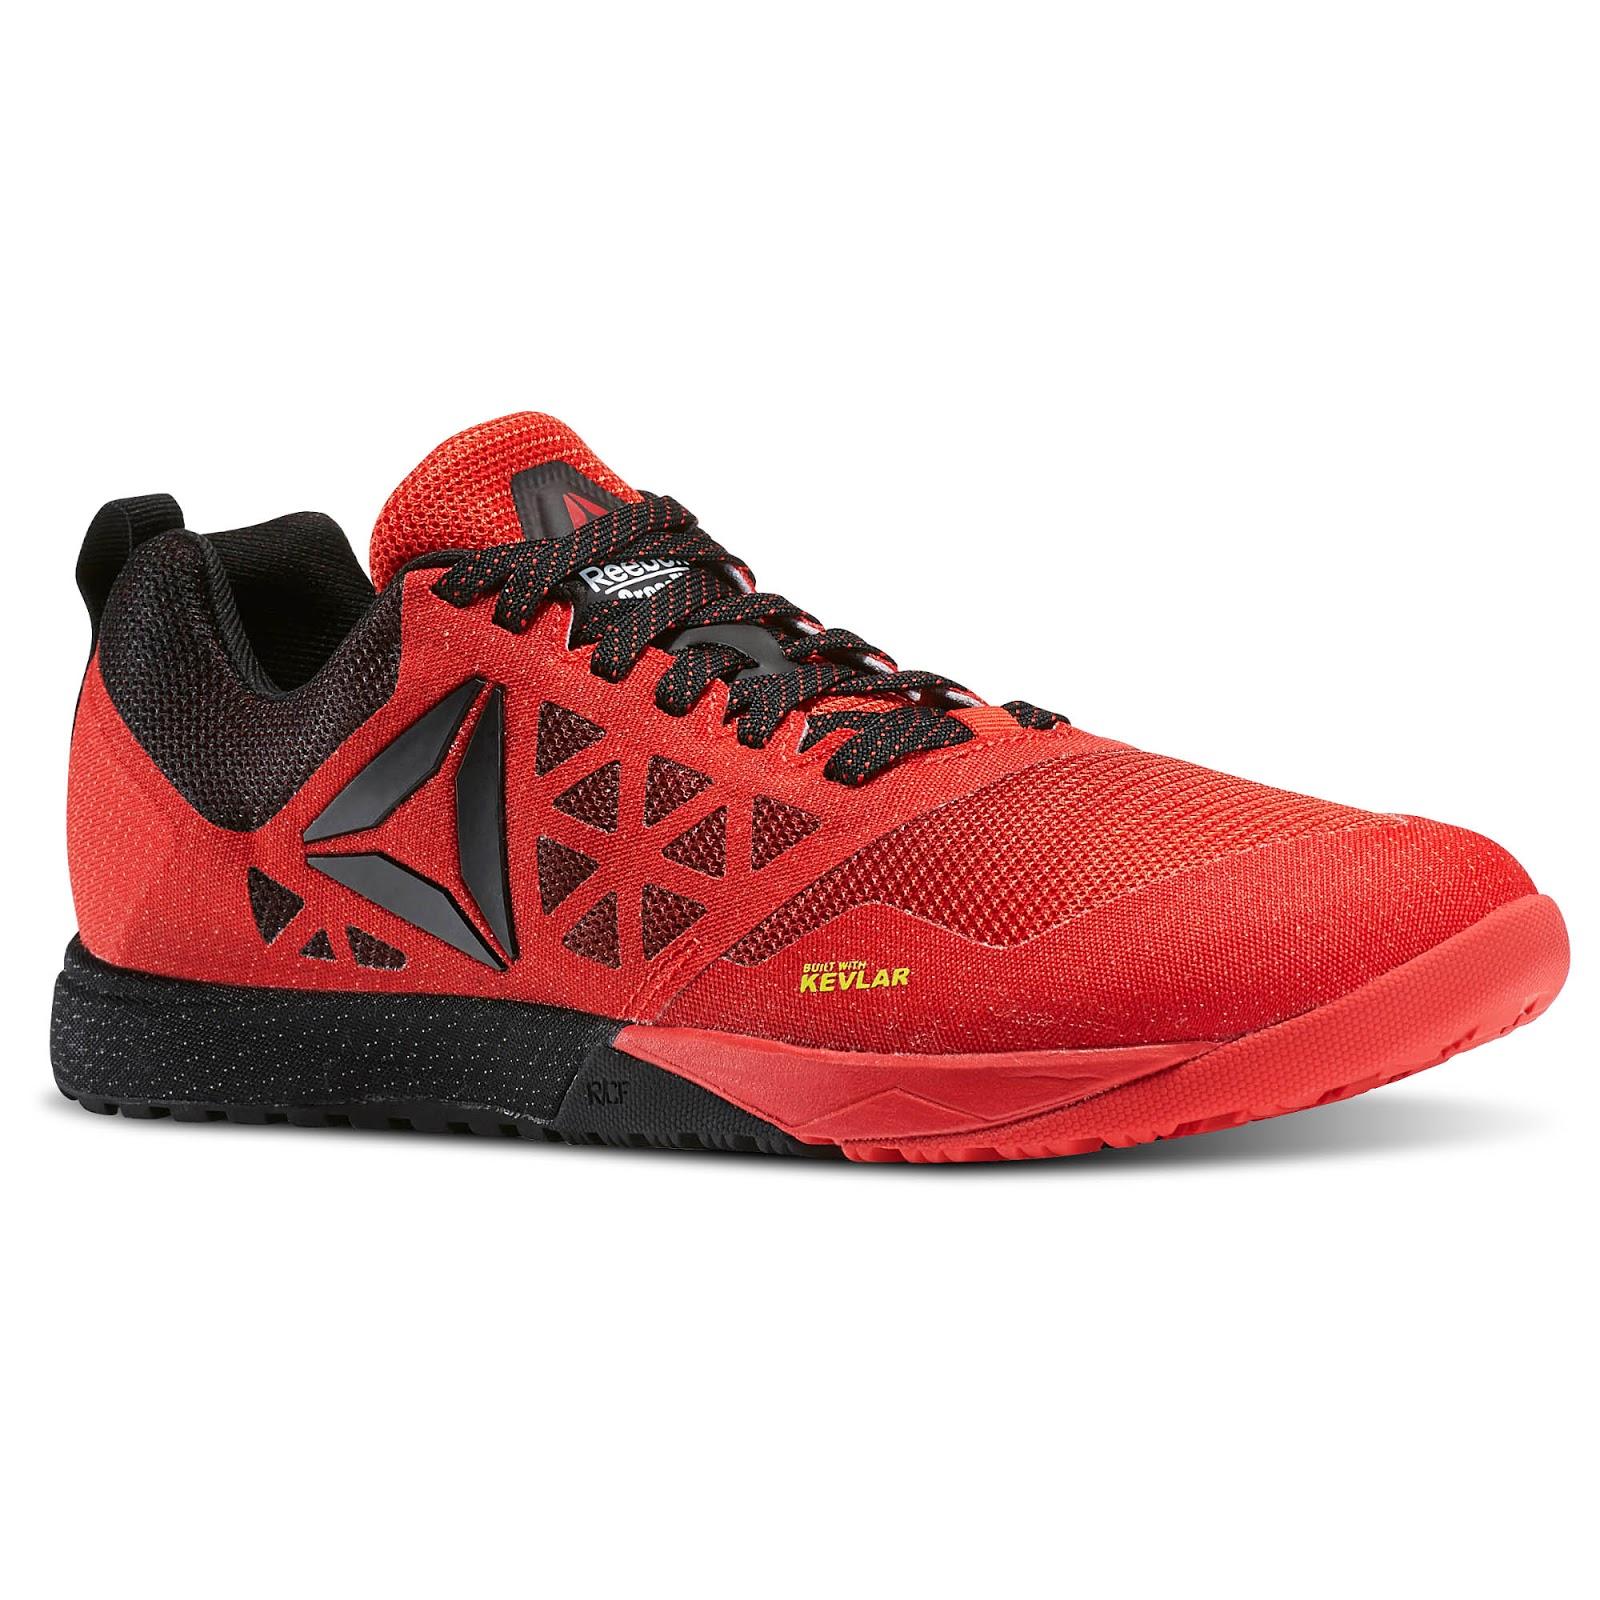 premium selection ce10b e7433 (macam jual kasut lah pulak Mak Jemah ni, cuma nak cakap kasut lani dah ada  macam2 design, siap boleh pakai untuk Casual dah)